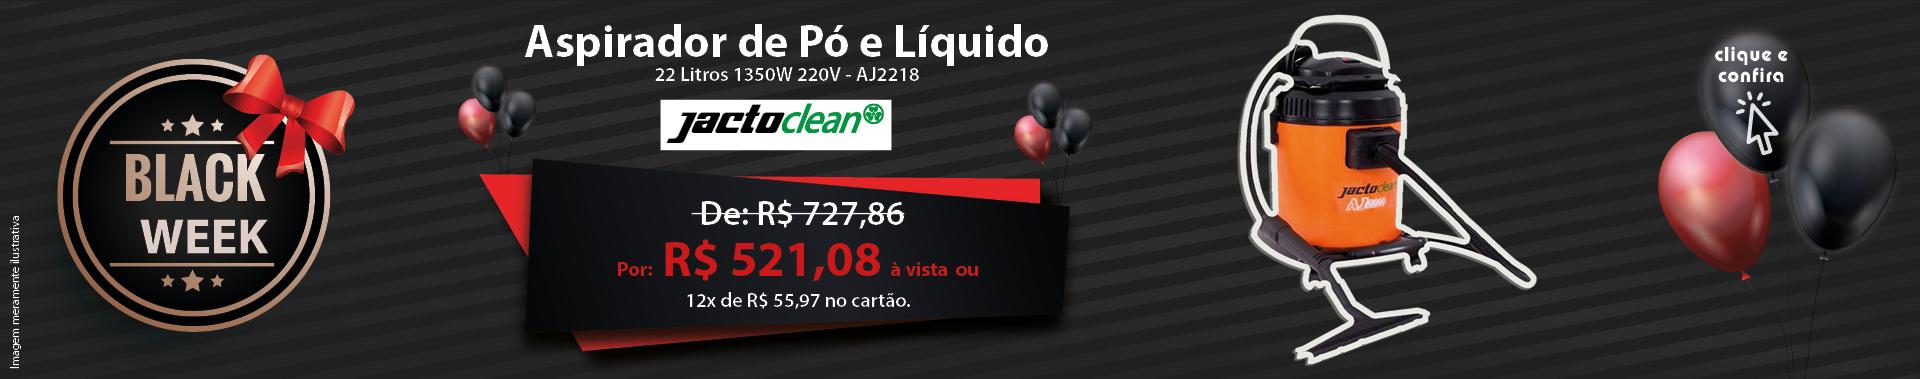 Aspirador de Pó e Líquido 22 Litros 1350W 220V Jacto Clean - AJ2218